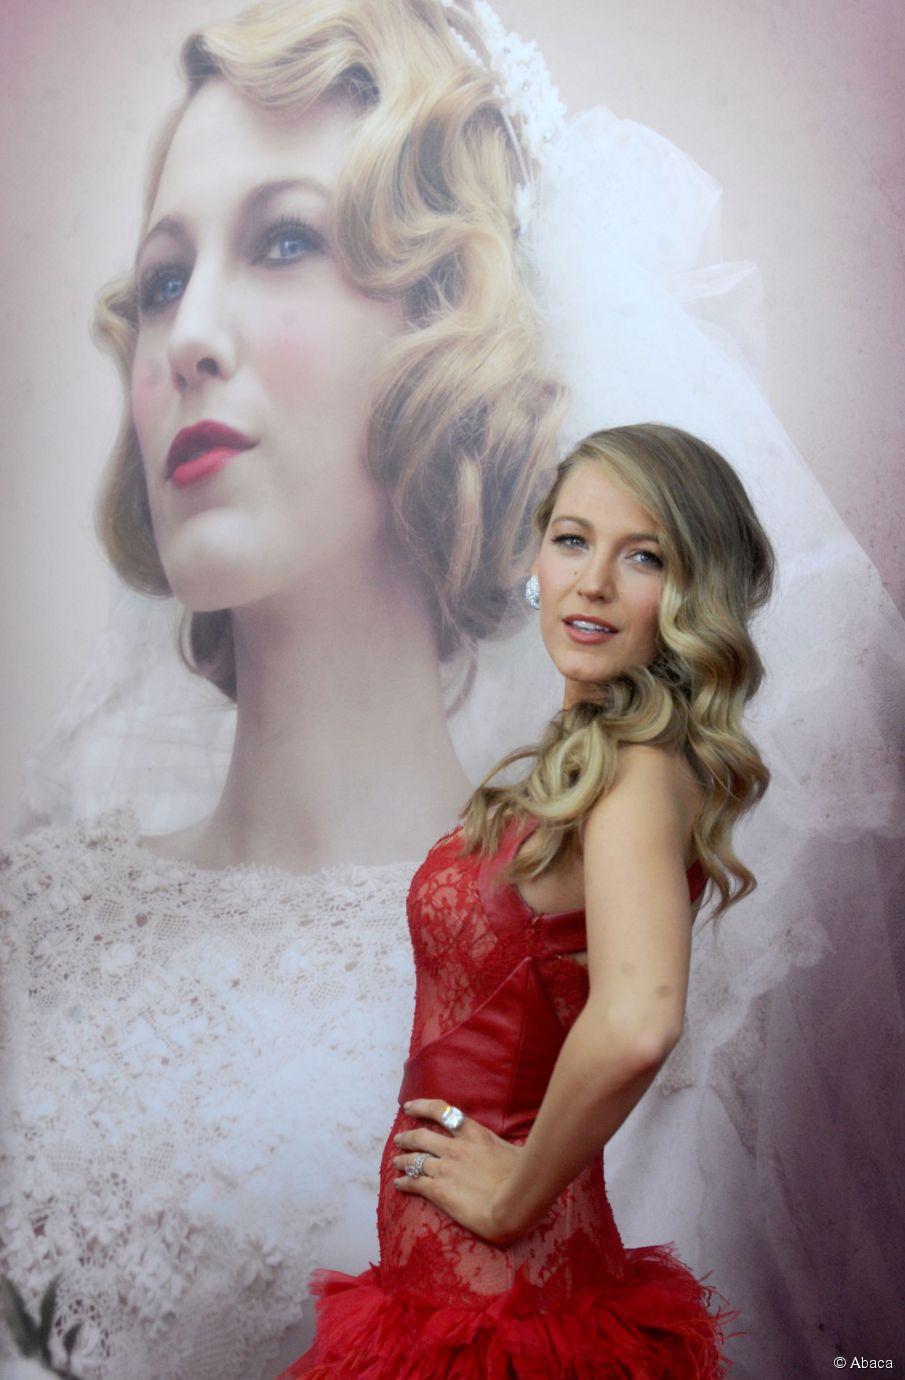 Blake Lively Hairspiration: Glam Waves für die Premiere von The Age of Adaline